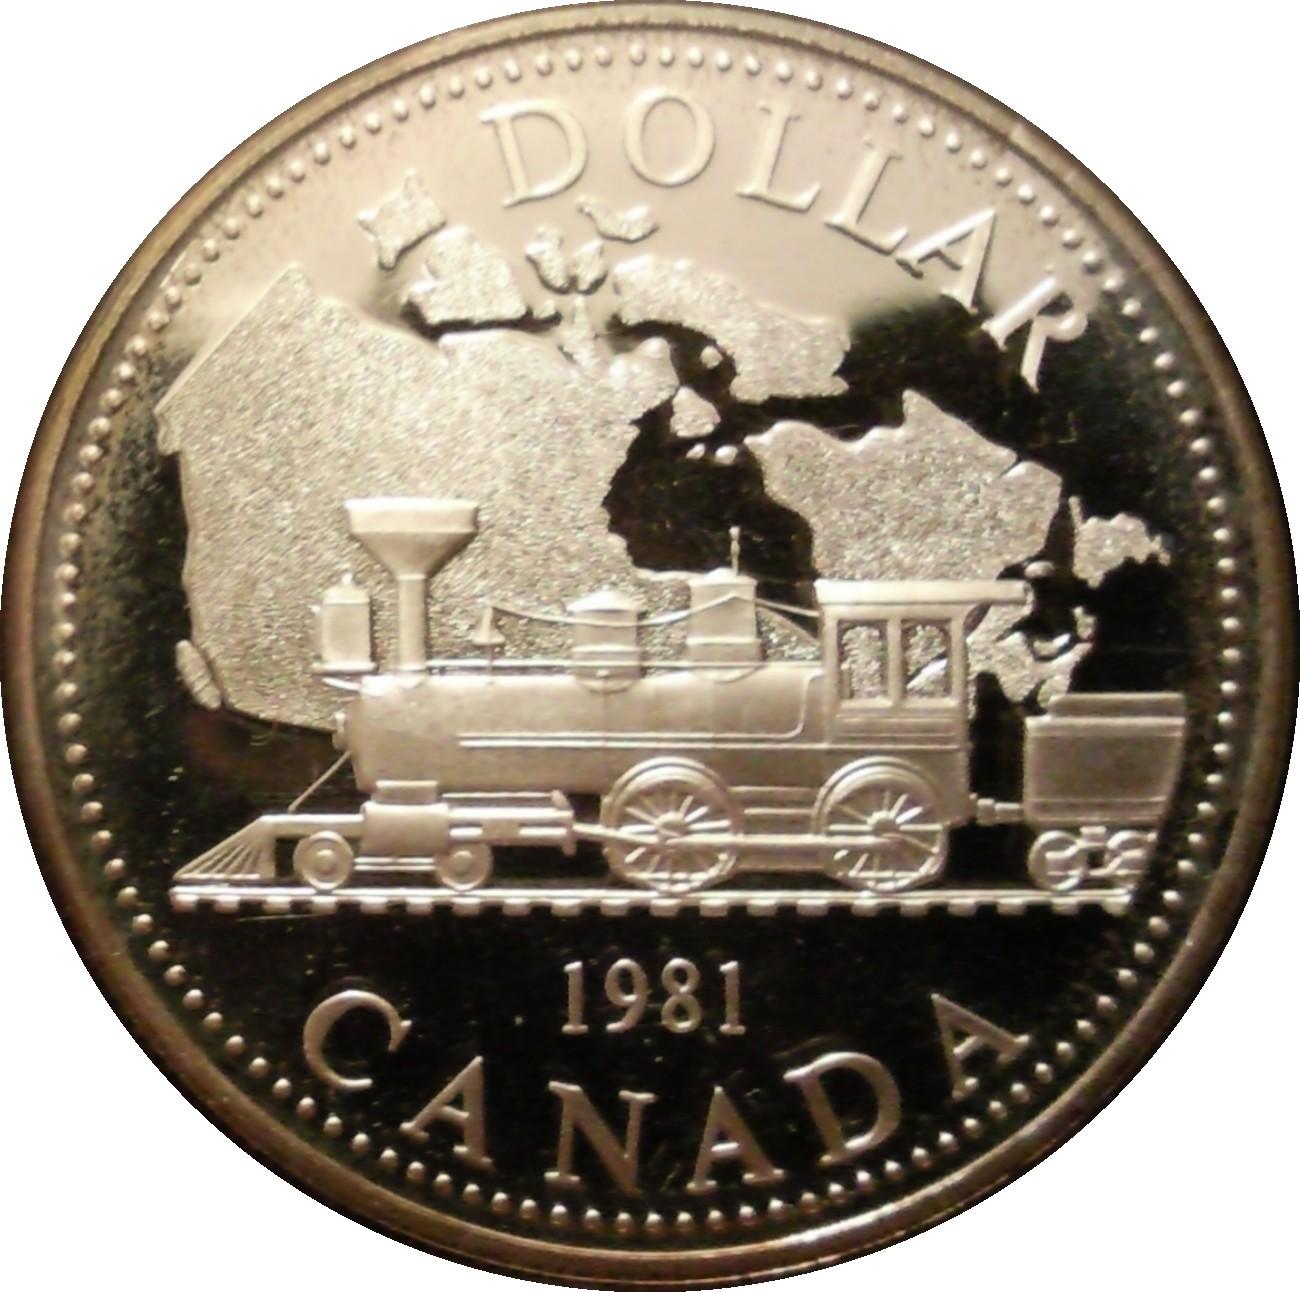 1 Dollar - Elizabeth II (Trans-Canada Railway) - Canada ...